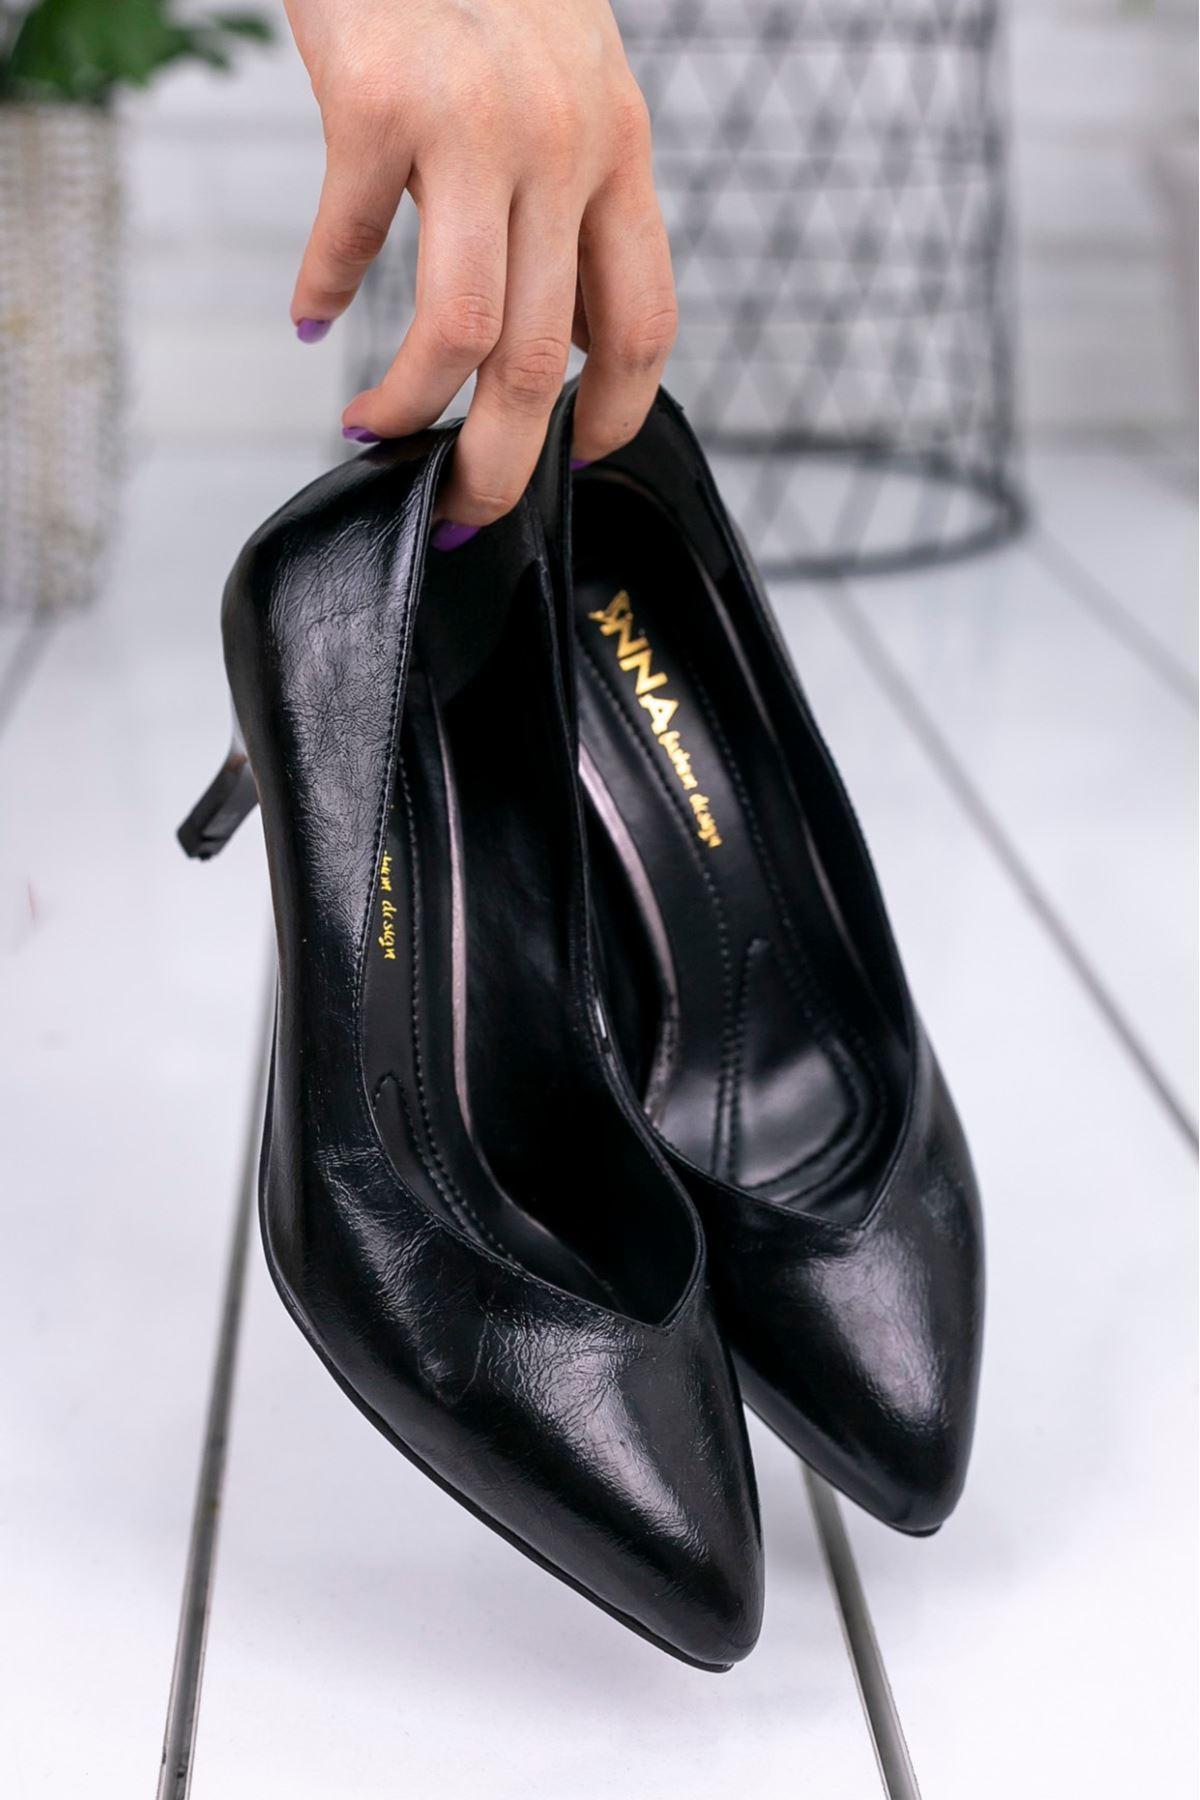 Evan Siyah Cilt Topuklu Ayakkabı